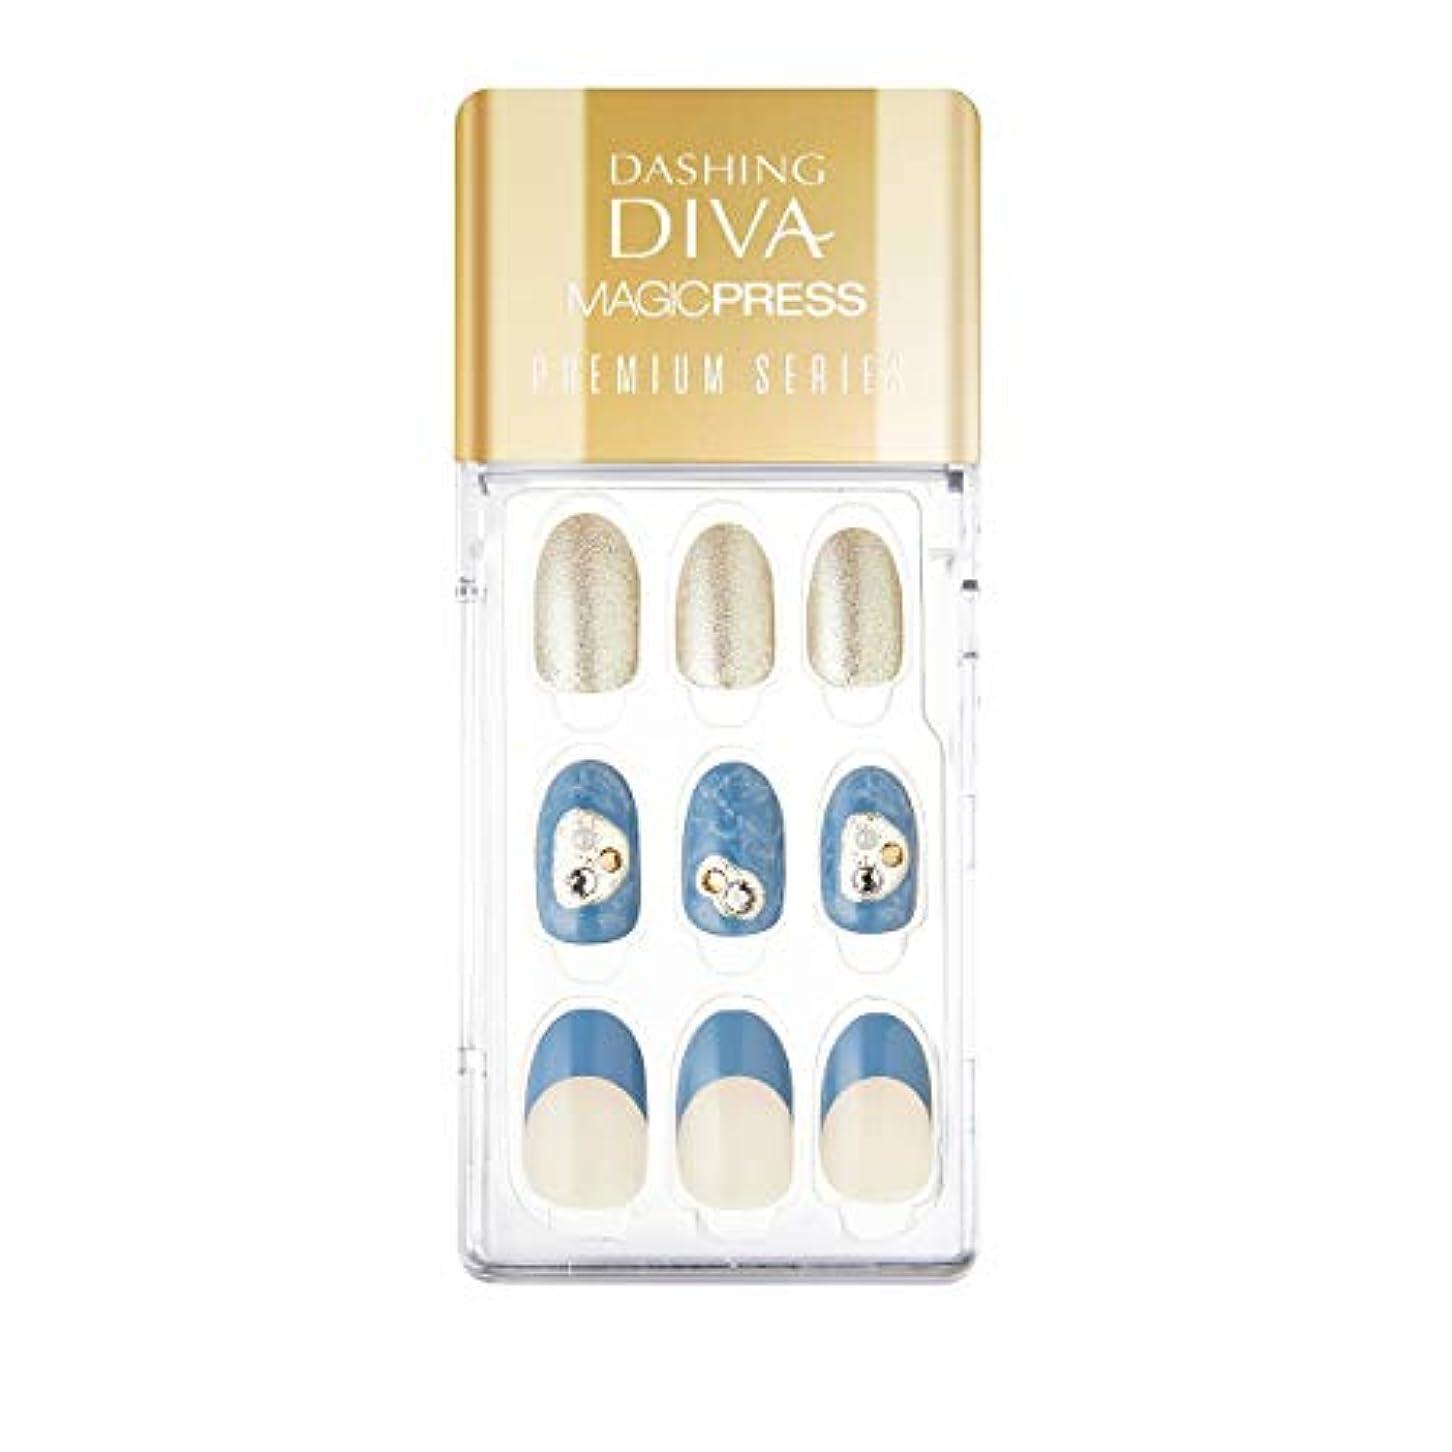 配送バイオリン波ダッシングディバ マジックプレス DASHING DIVA MagicPress MDR_334PO-DURY+ オリジナルジェル ネイルチップ Blue Moon